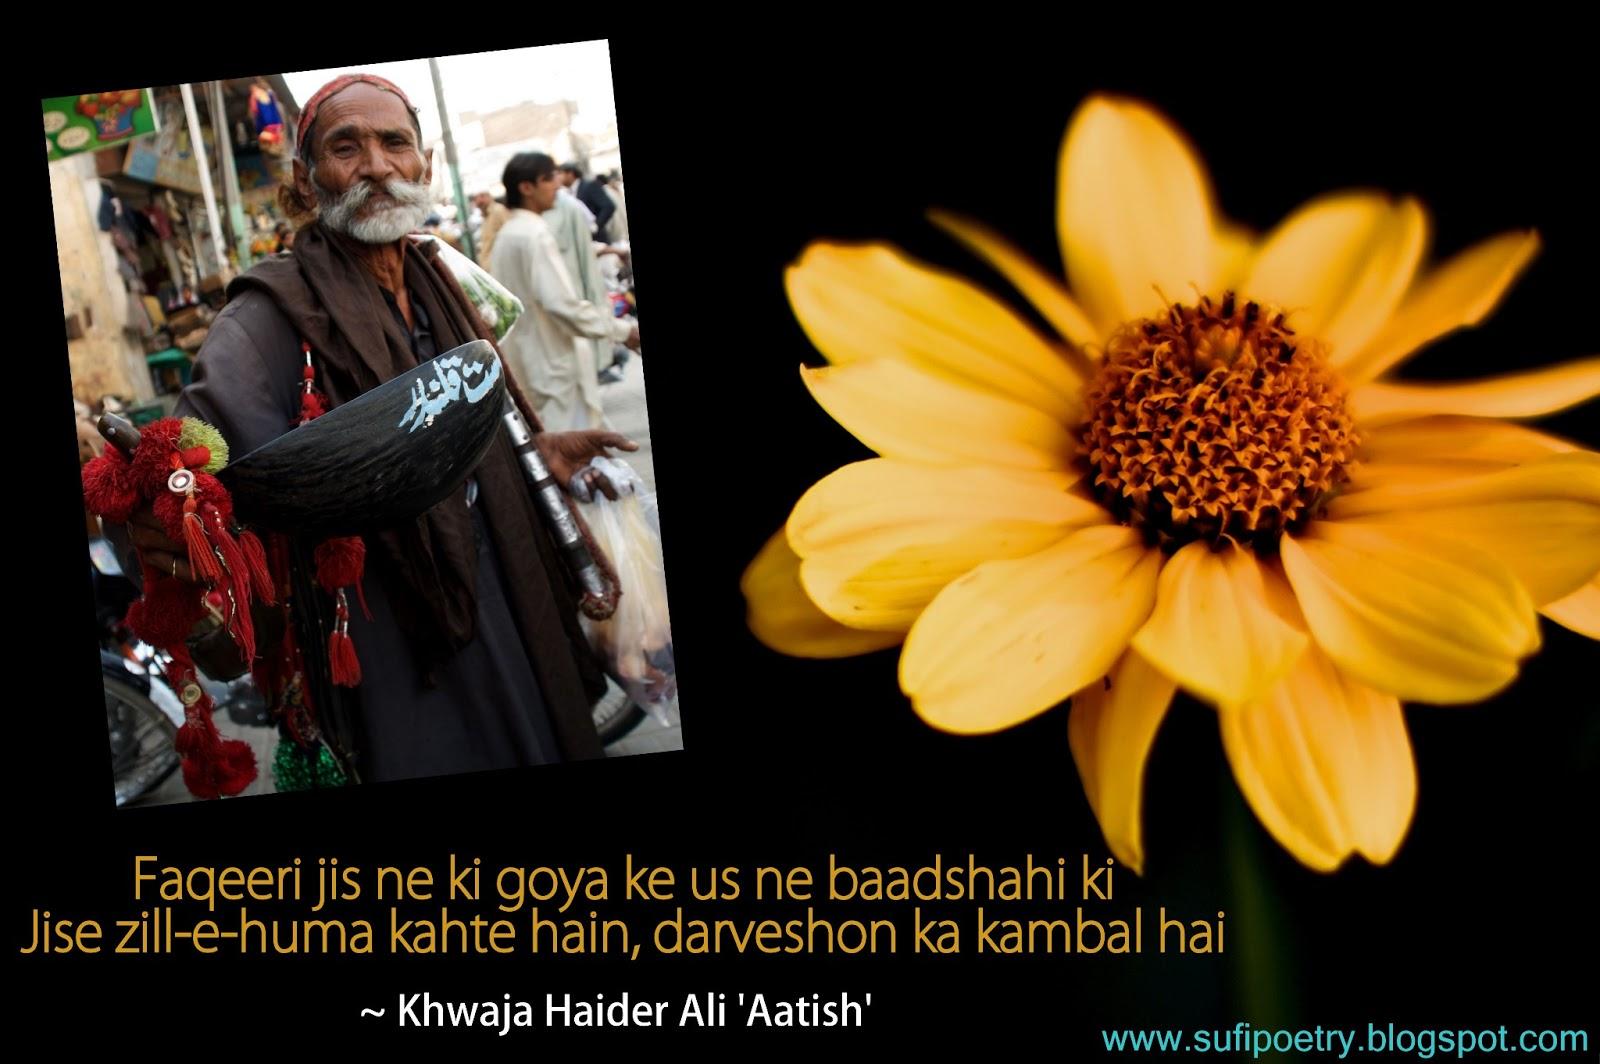 Sufi Poetry: Faqeeri jis ne ki goya ke us ne baadshahi ki - Khwaja ...